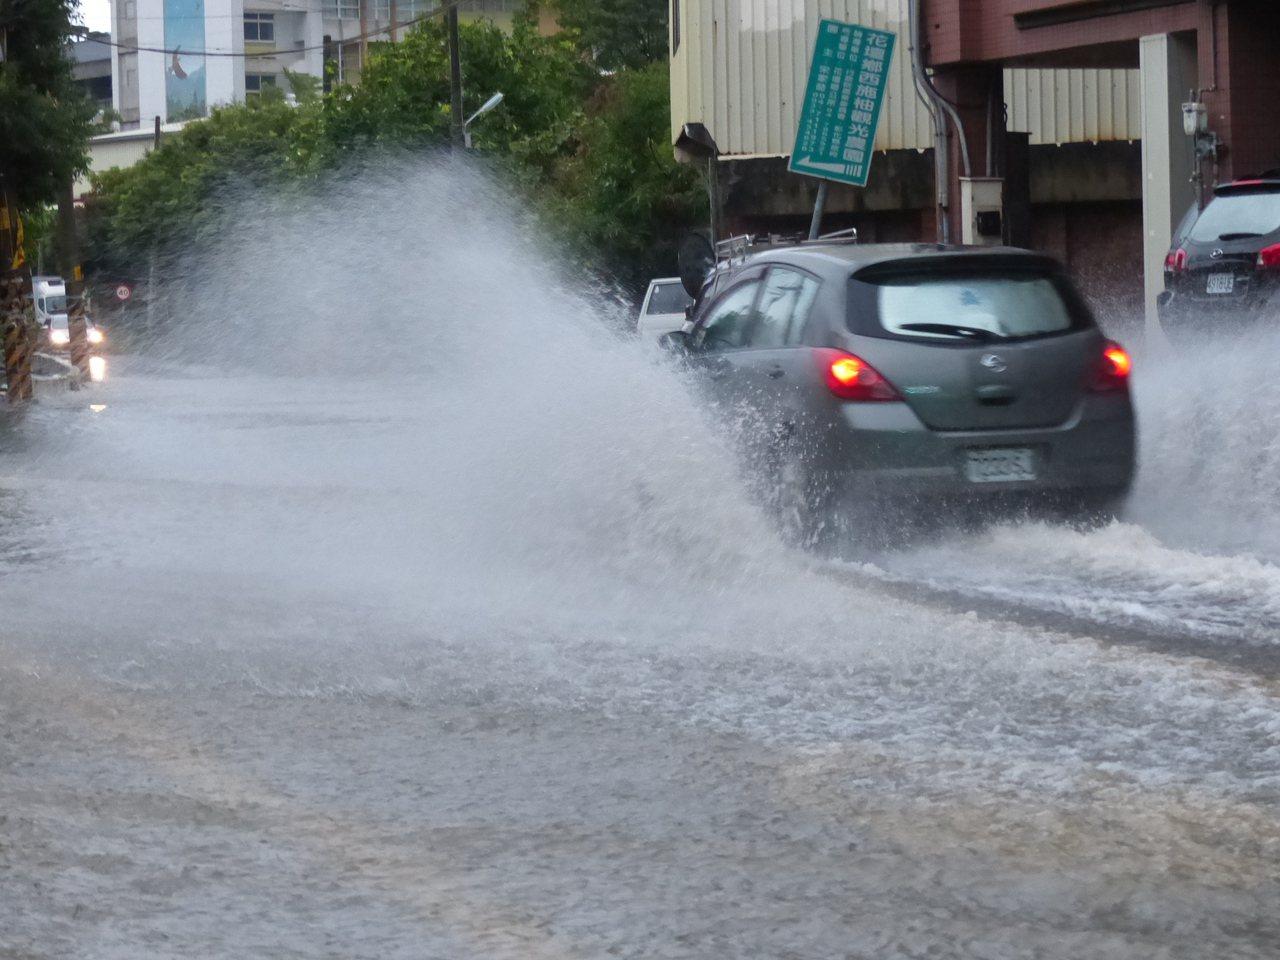 一夜豪雨,造成彰化縣花壇鄉彰員路3段大淹水,到今天清晨仍是積水不退,車輛通行如水...